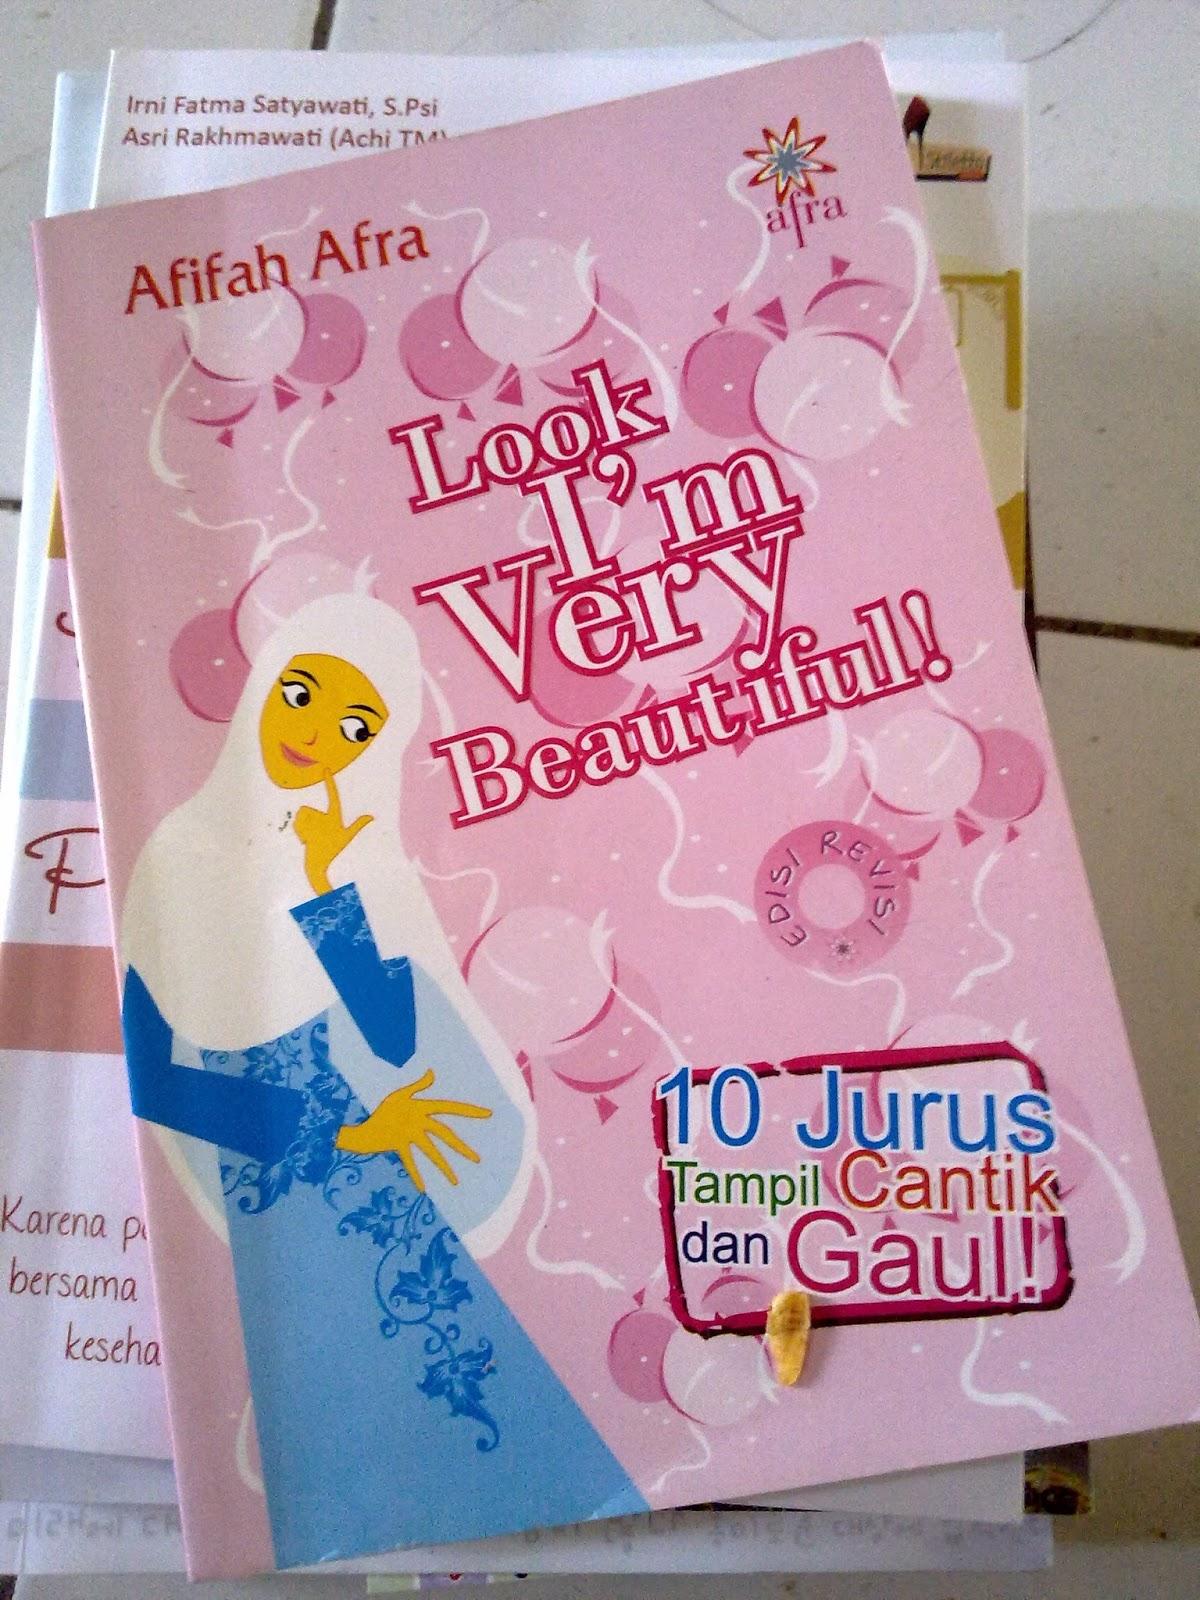 Goresan Sang Pemula Review Buku Look Im Very Beautiful Afifah Afra Gaul Judul 10 Jurus Tampil Cantik Dan